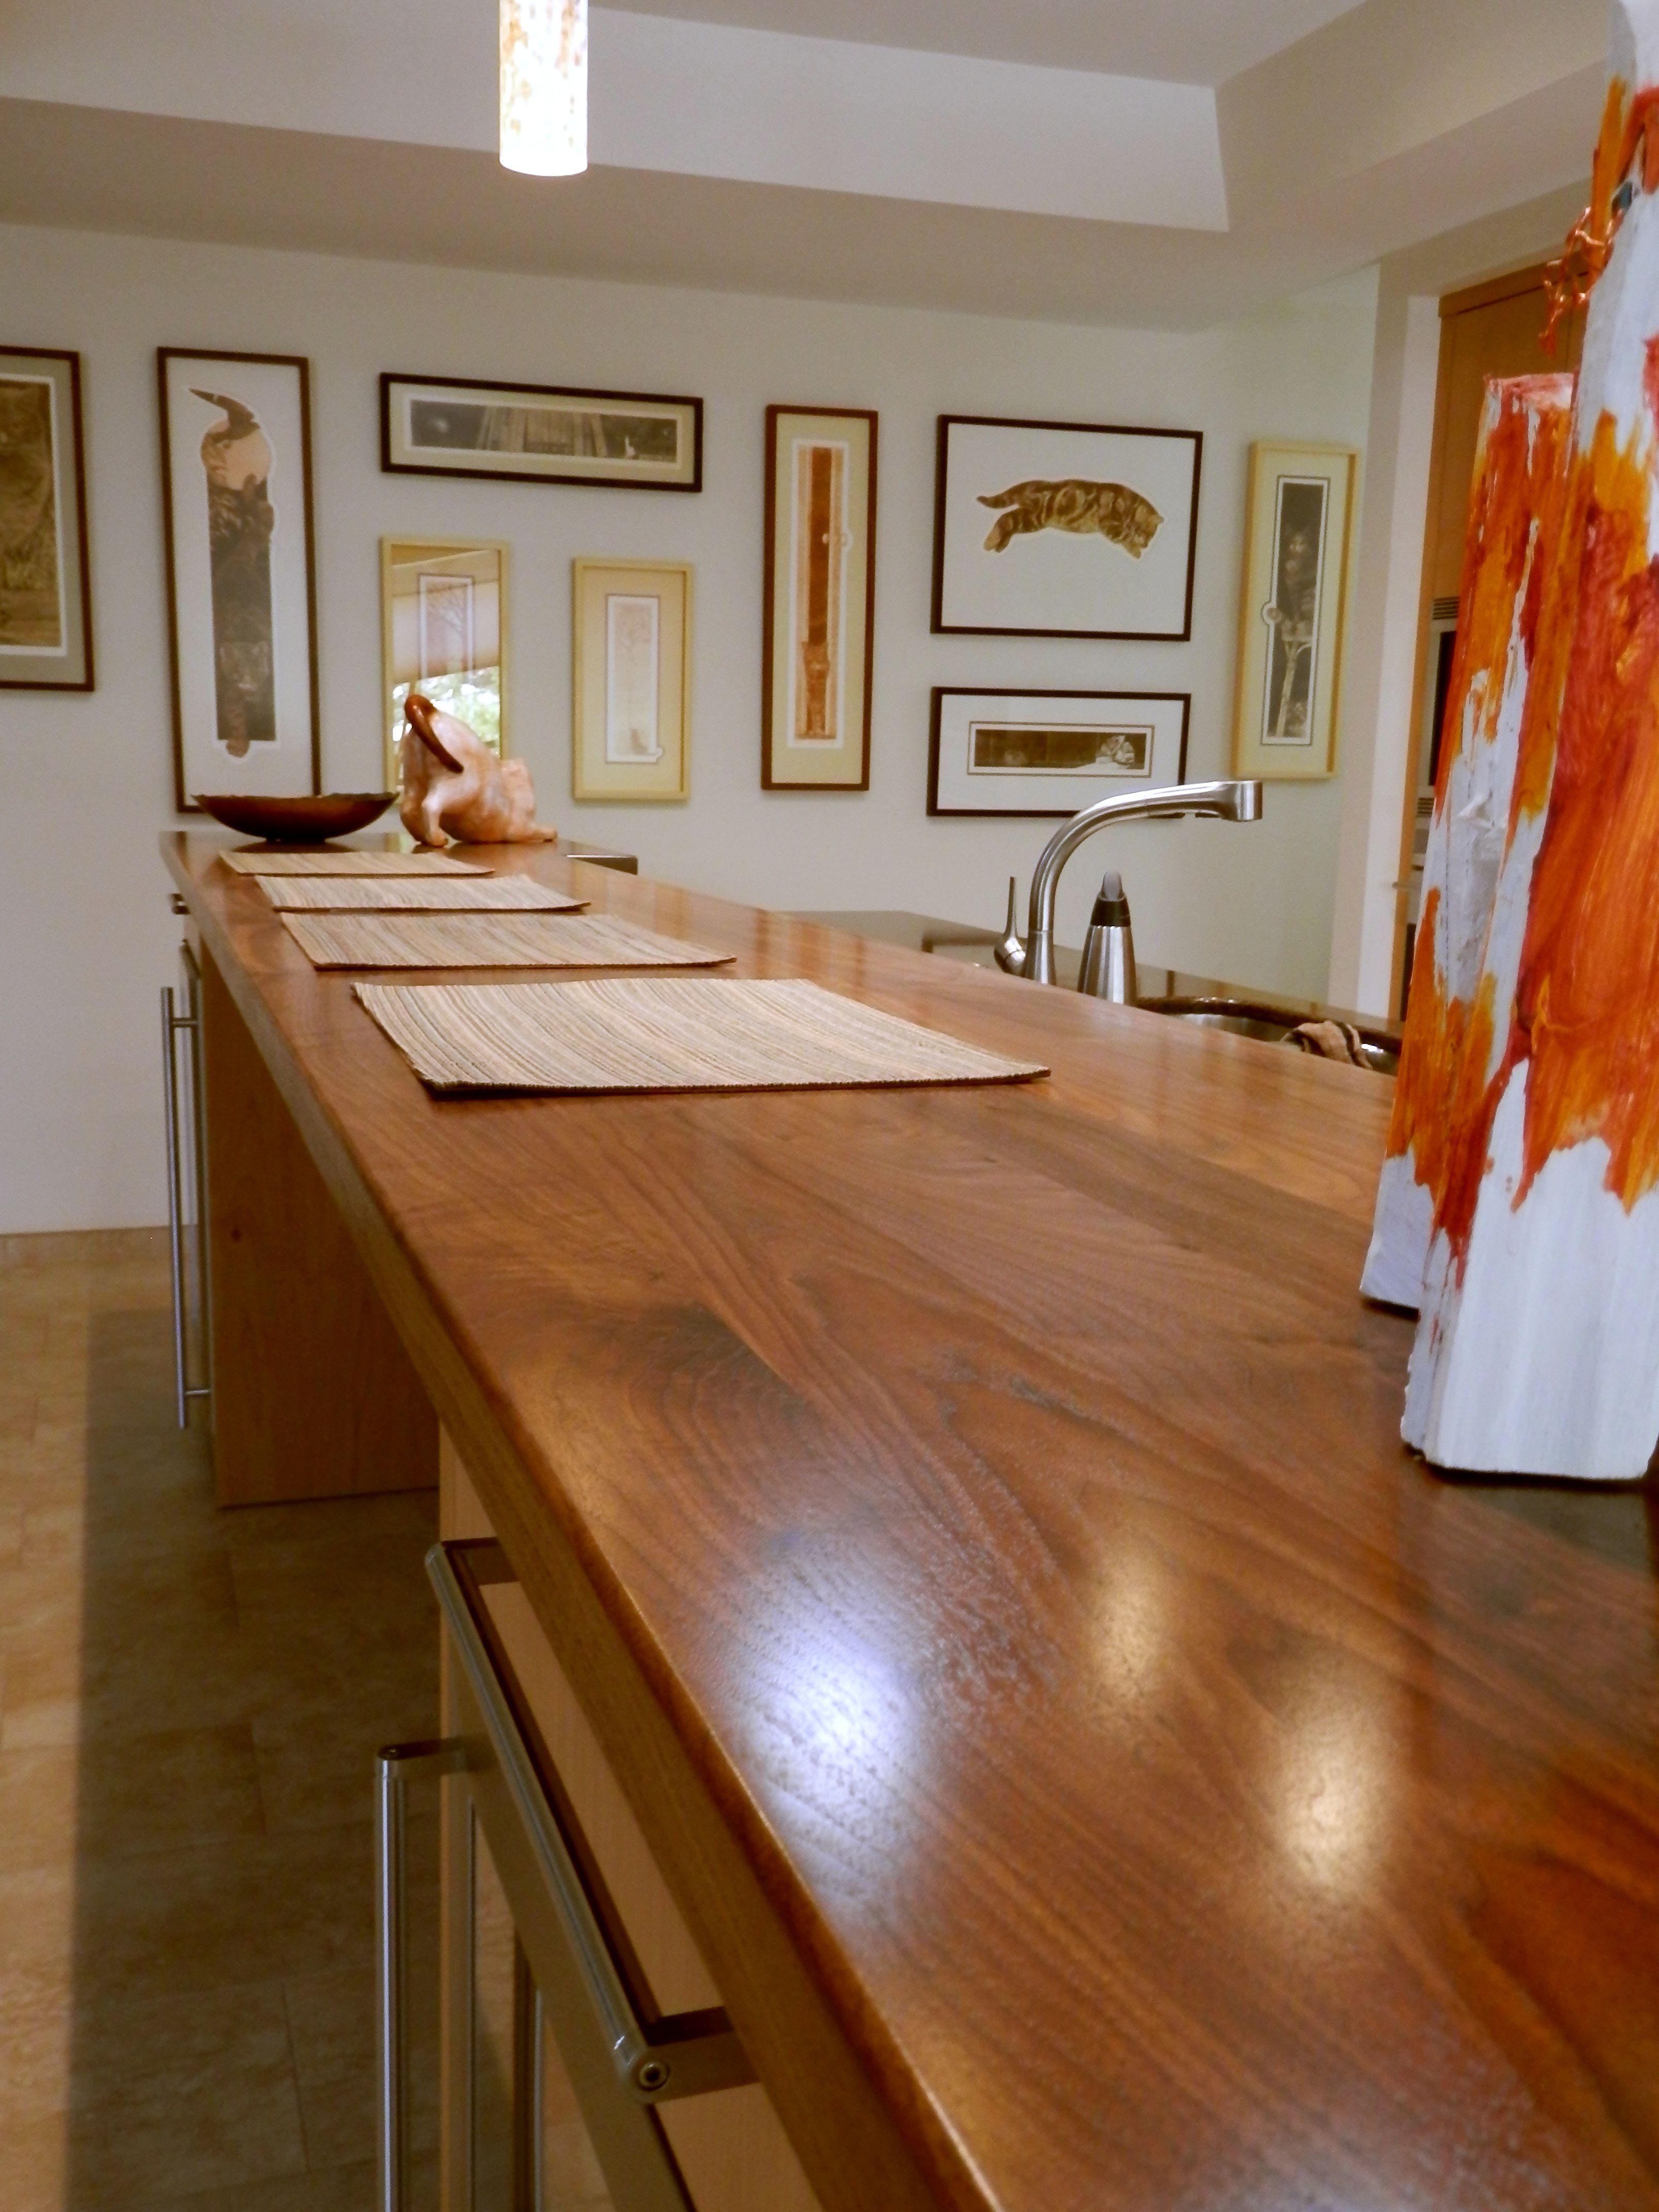 Walnut Wood Countertop In Las Vegas, Nevada. Designed By Matthew Vosburg Of  Affirming Kitchen